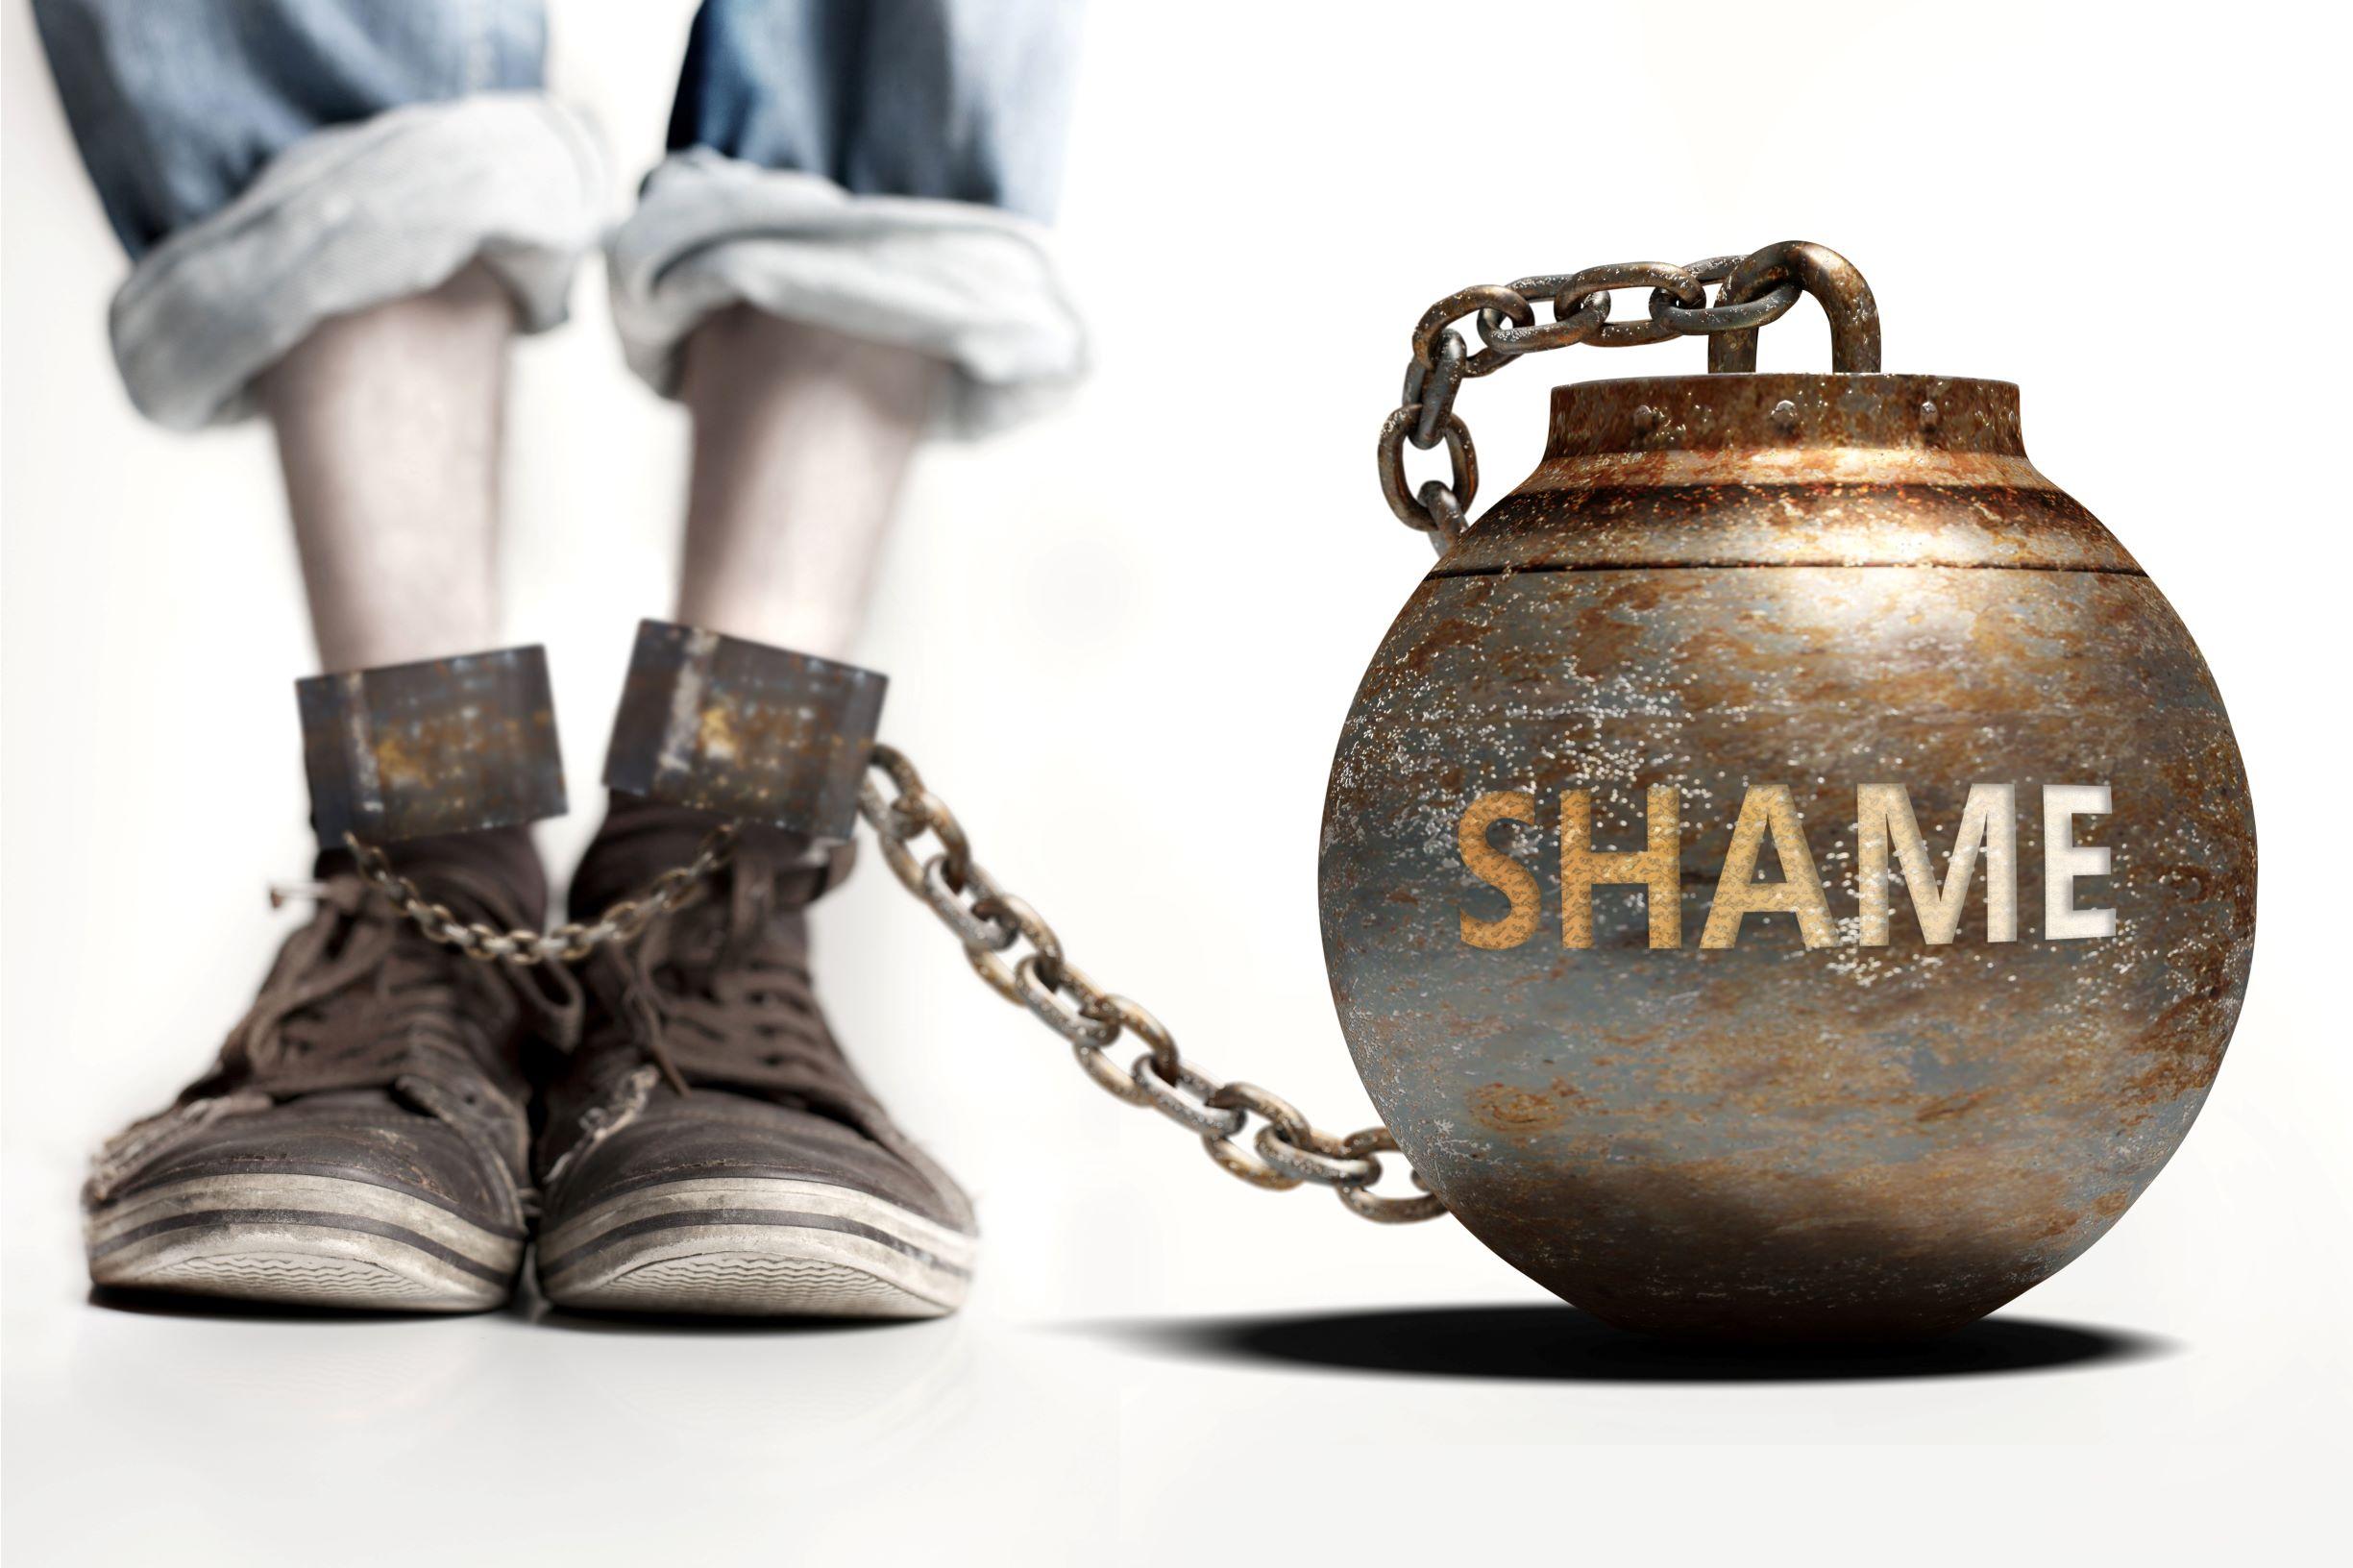 批判による「恥のスリコミ」から自尊感情を守る方法|毒親卒業ブログ